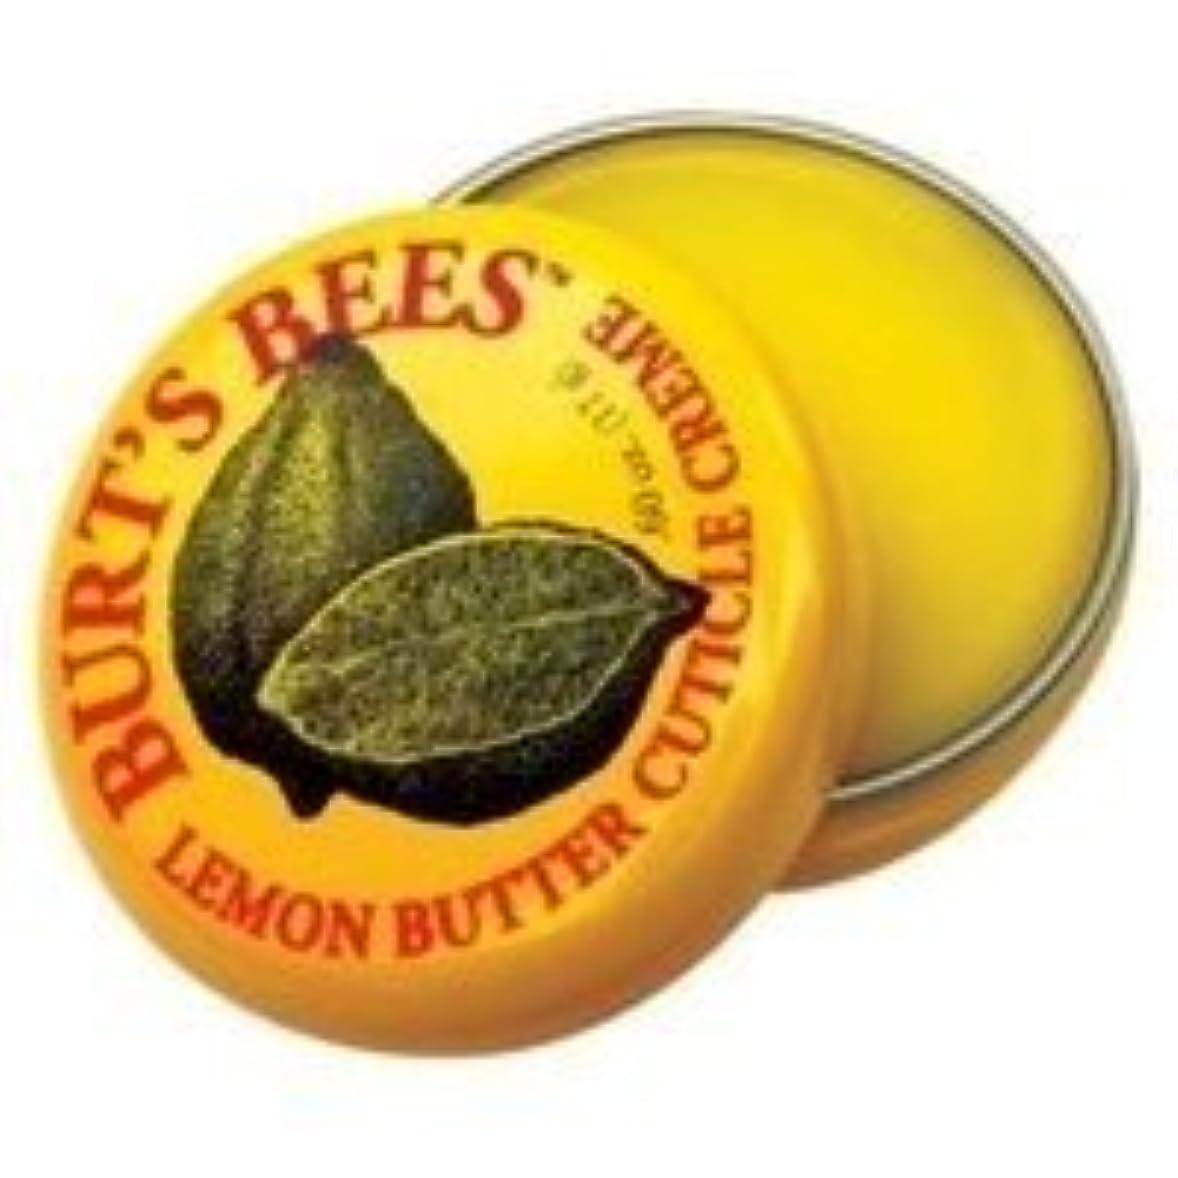 ジャグリング布作りバーツビー(バーツビーズ) レモンバターキューティクルクリーム 17g お得な3個セット